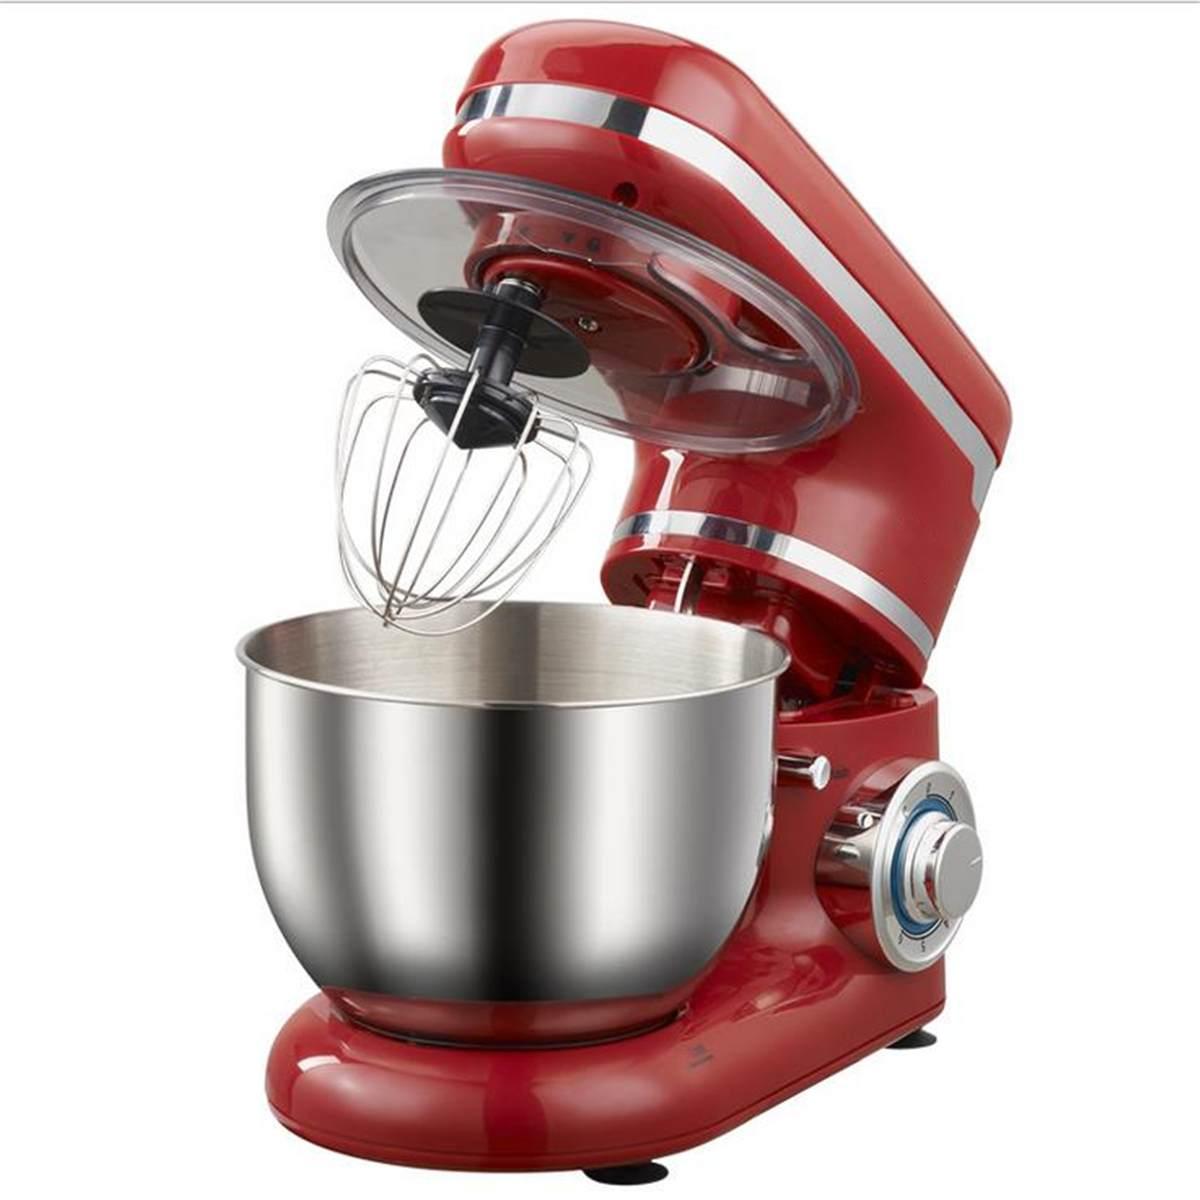 1500W 4L Нержавеющаясталь чаша 6 ступенчатая Кухня Еда миксер крем взбивалка для яиц блендера торт Тесто Для Хлеба Смеситель Maker машина - 2